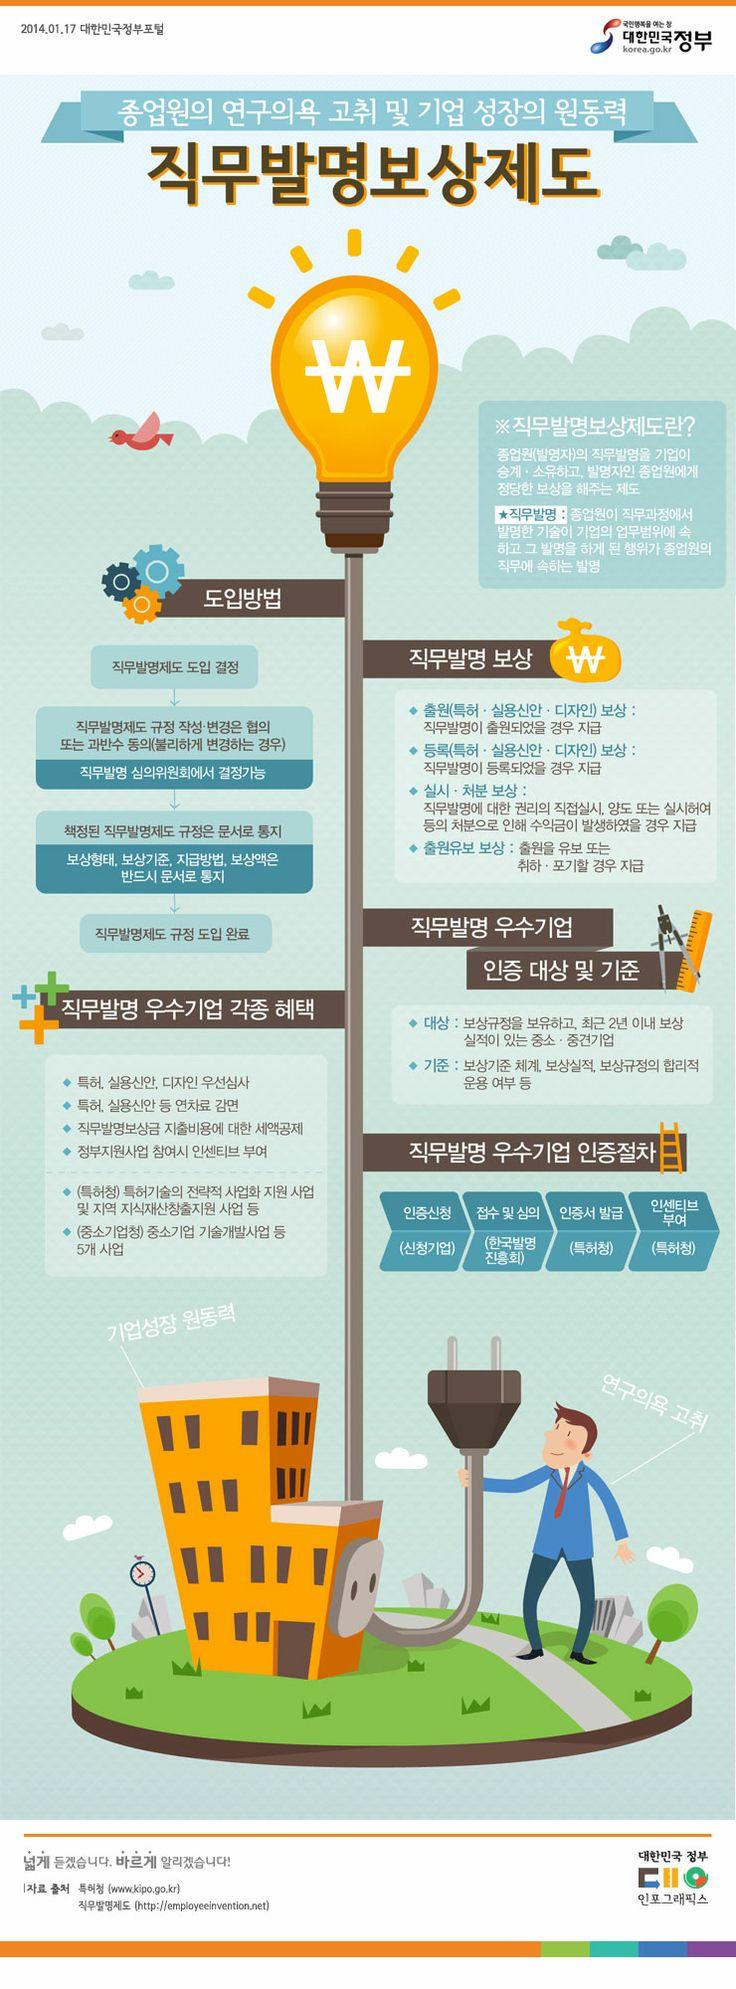 [Infographic] '직무발명보상제도'에 관한 인포그래픽